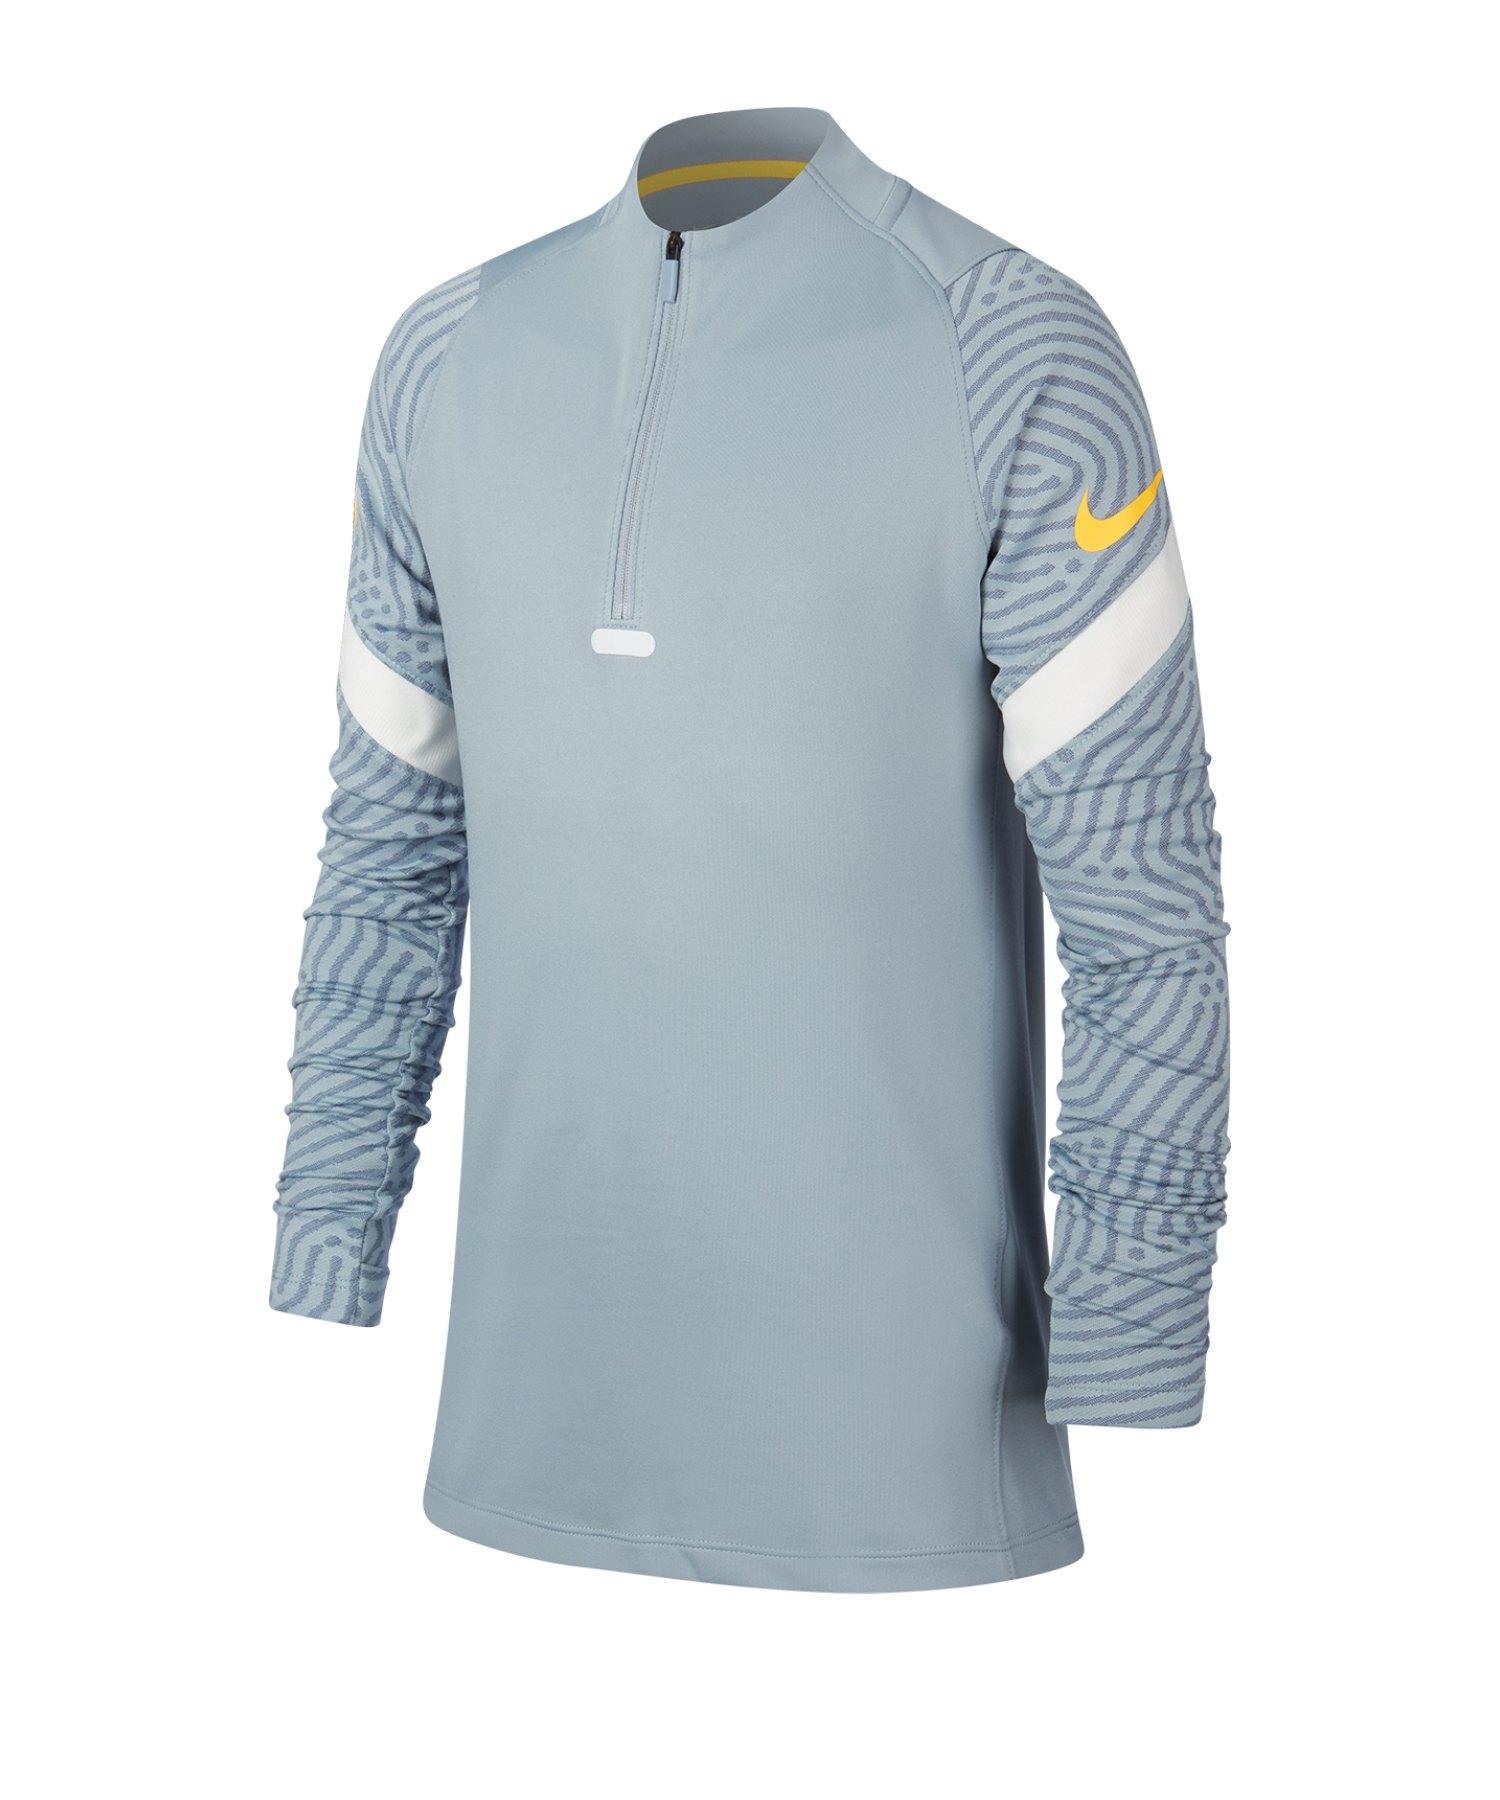 Nike Dri-FIT Strike Drill Top langarm Kids F464 - blau